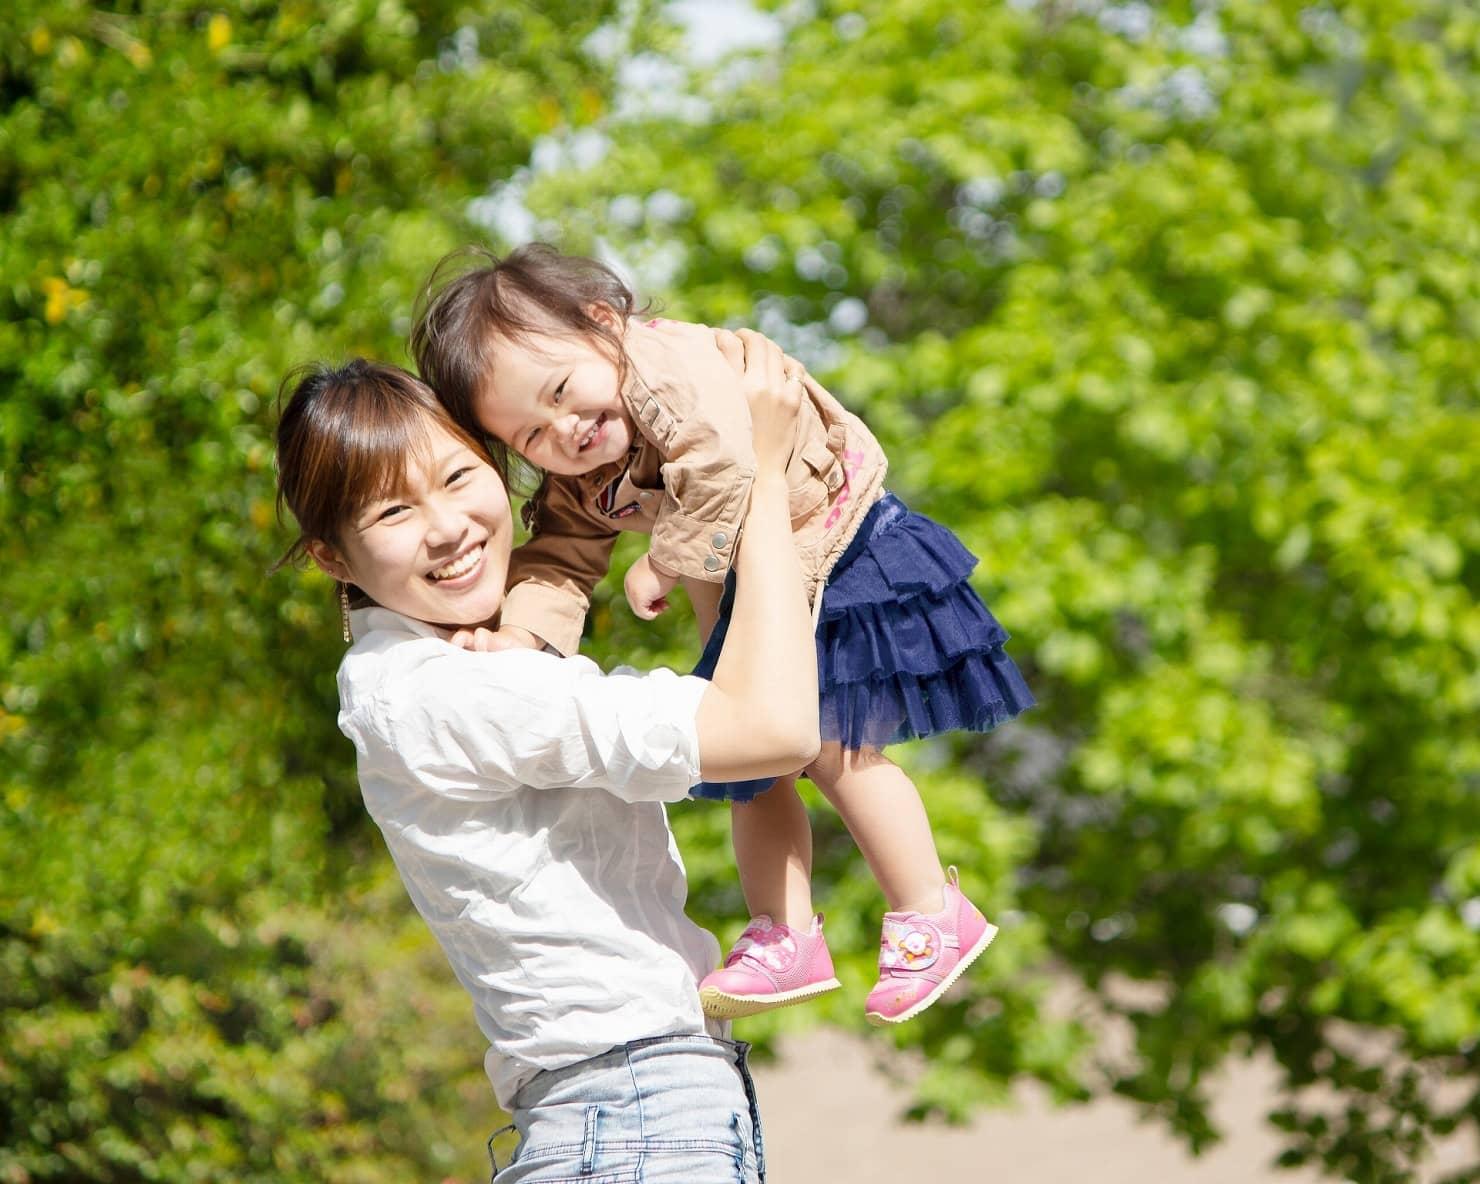 1歳6ヶ月~2歳の子供をもつママの悩み事を解決!1歳半健診、言葉、体重など成長の心配まで